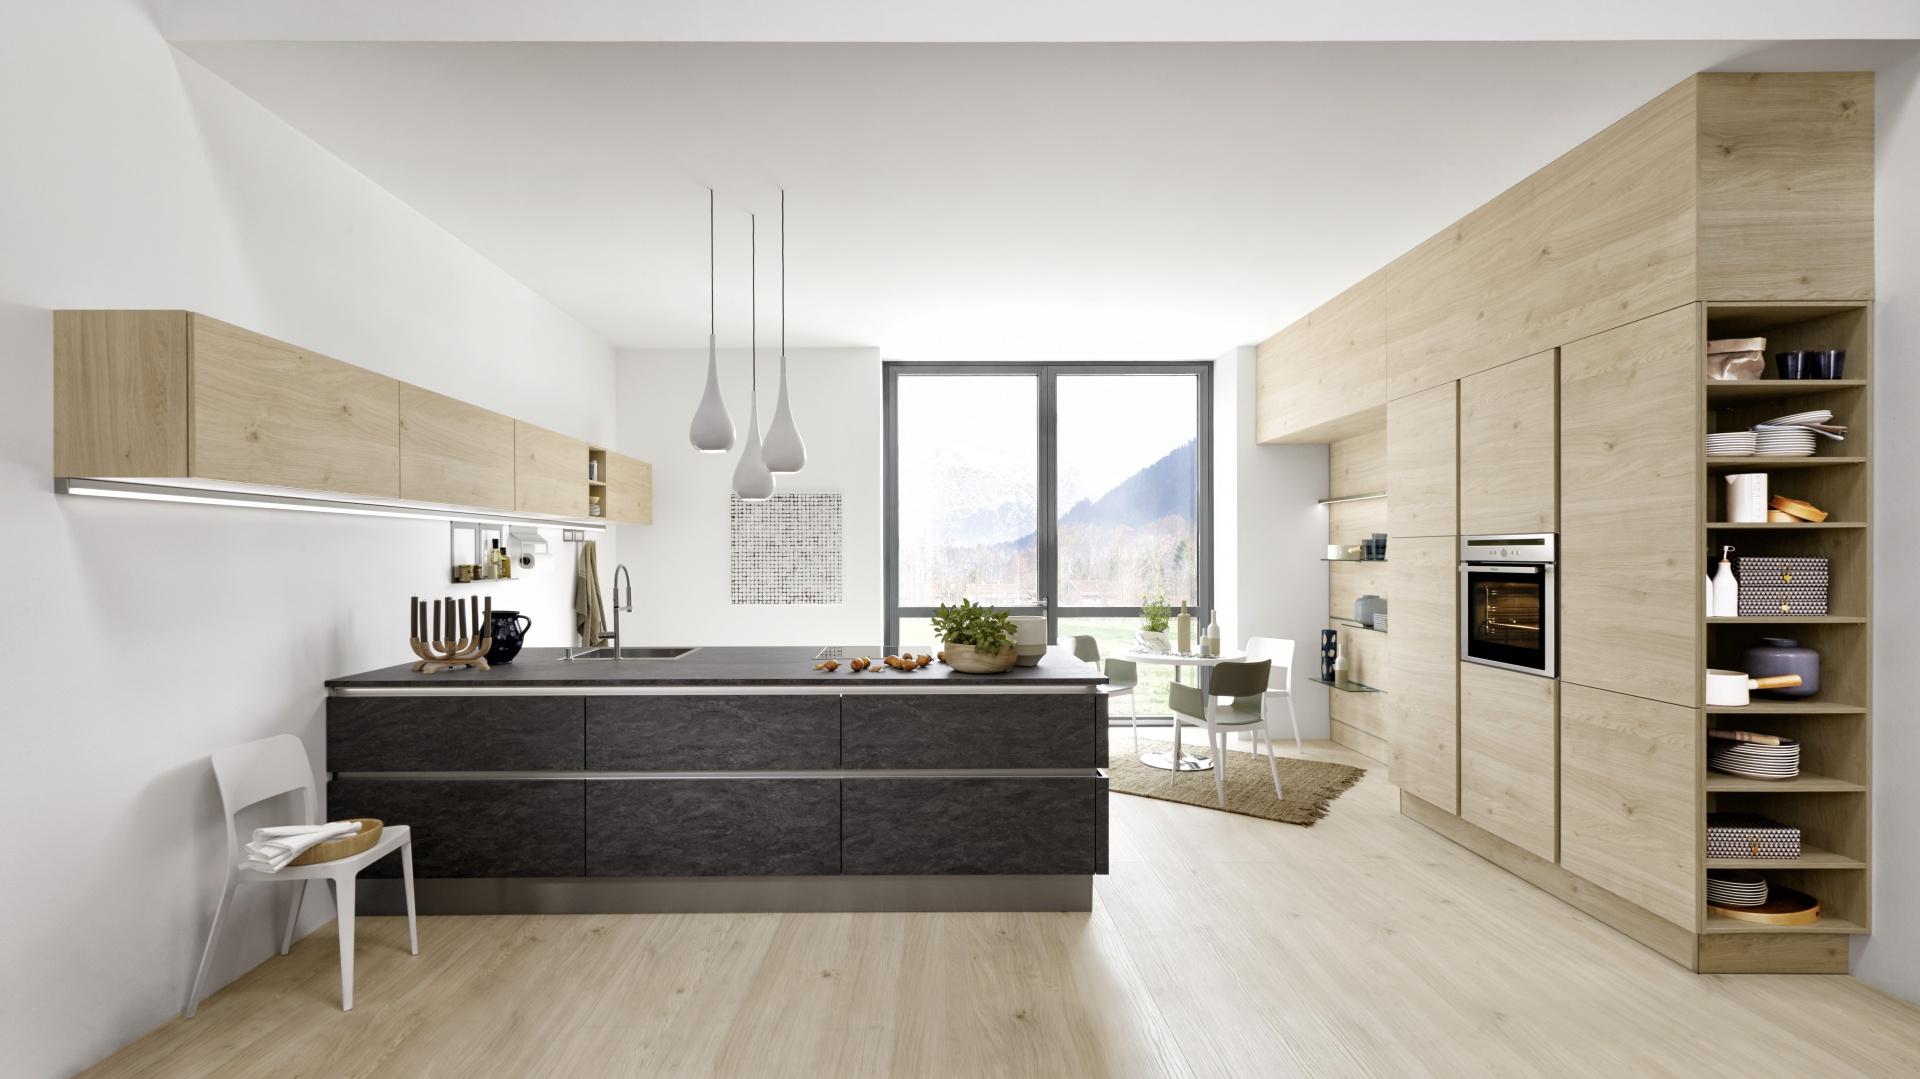 nowoczesna kuchnia z modna kuchnia 2017 zobacz propozycje wiatowych marek strona 8. Black Bedroom Furniture Sets. Home Design Ideas